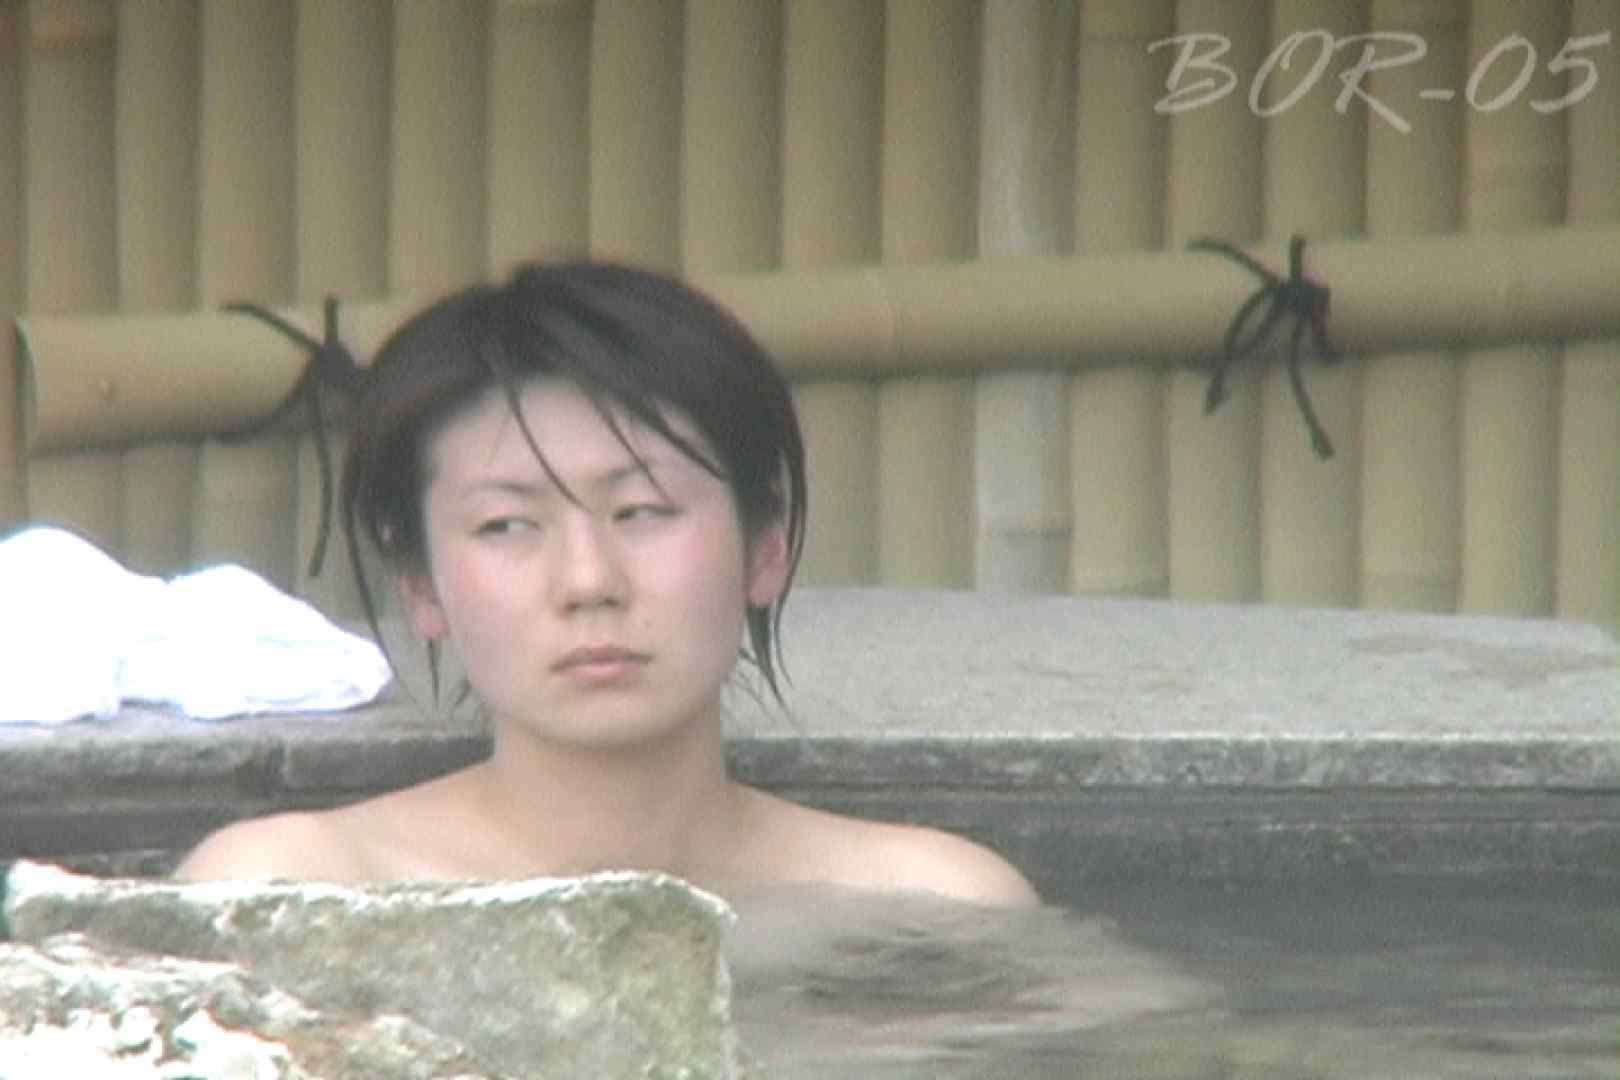 Aquaな露天風呂Vol.493 OLエロ画像  67PICs 39